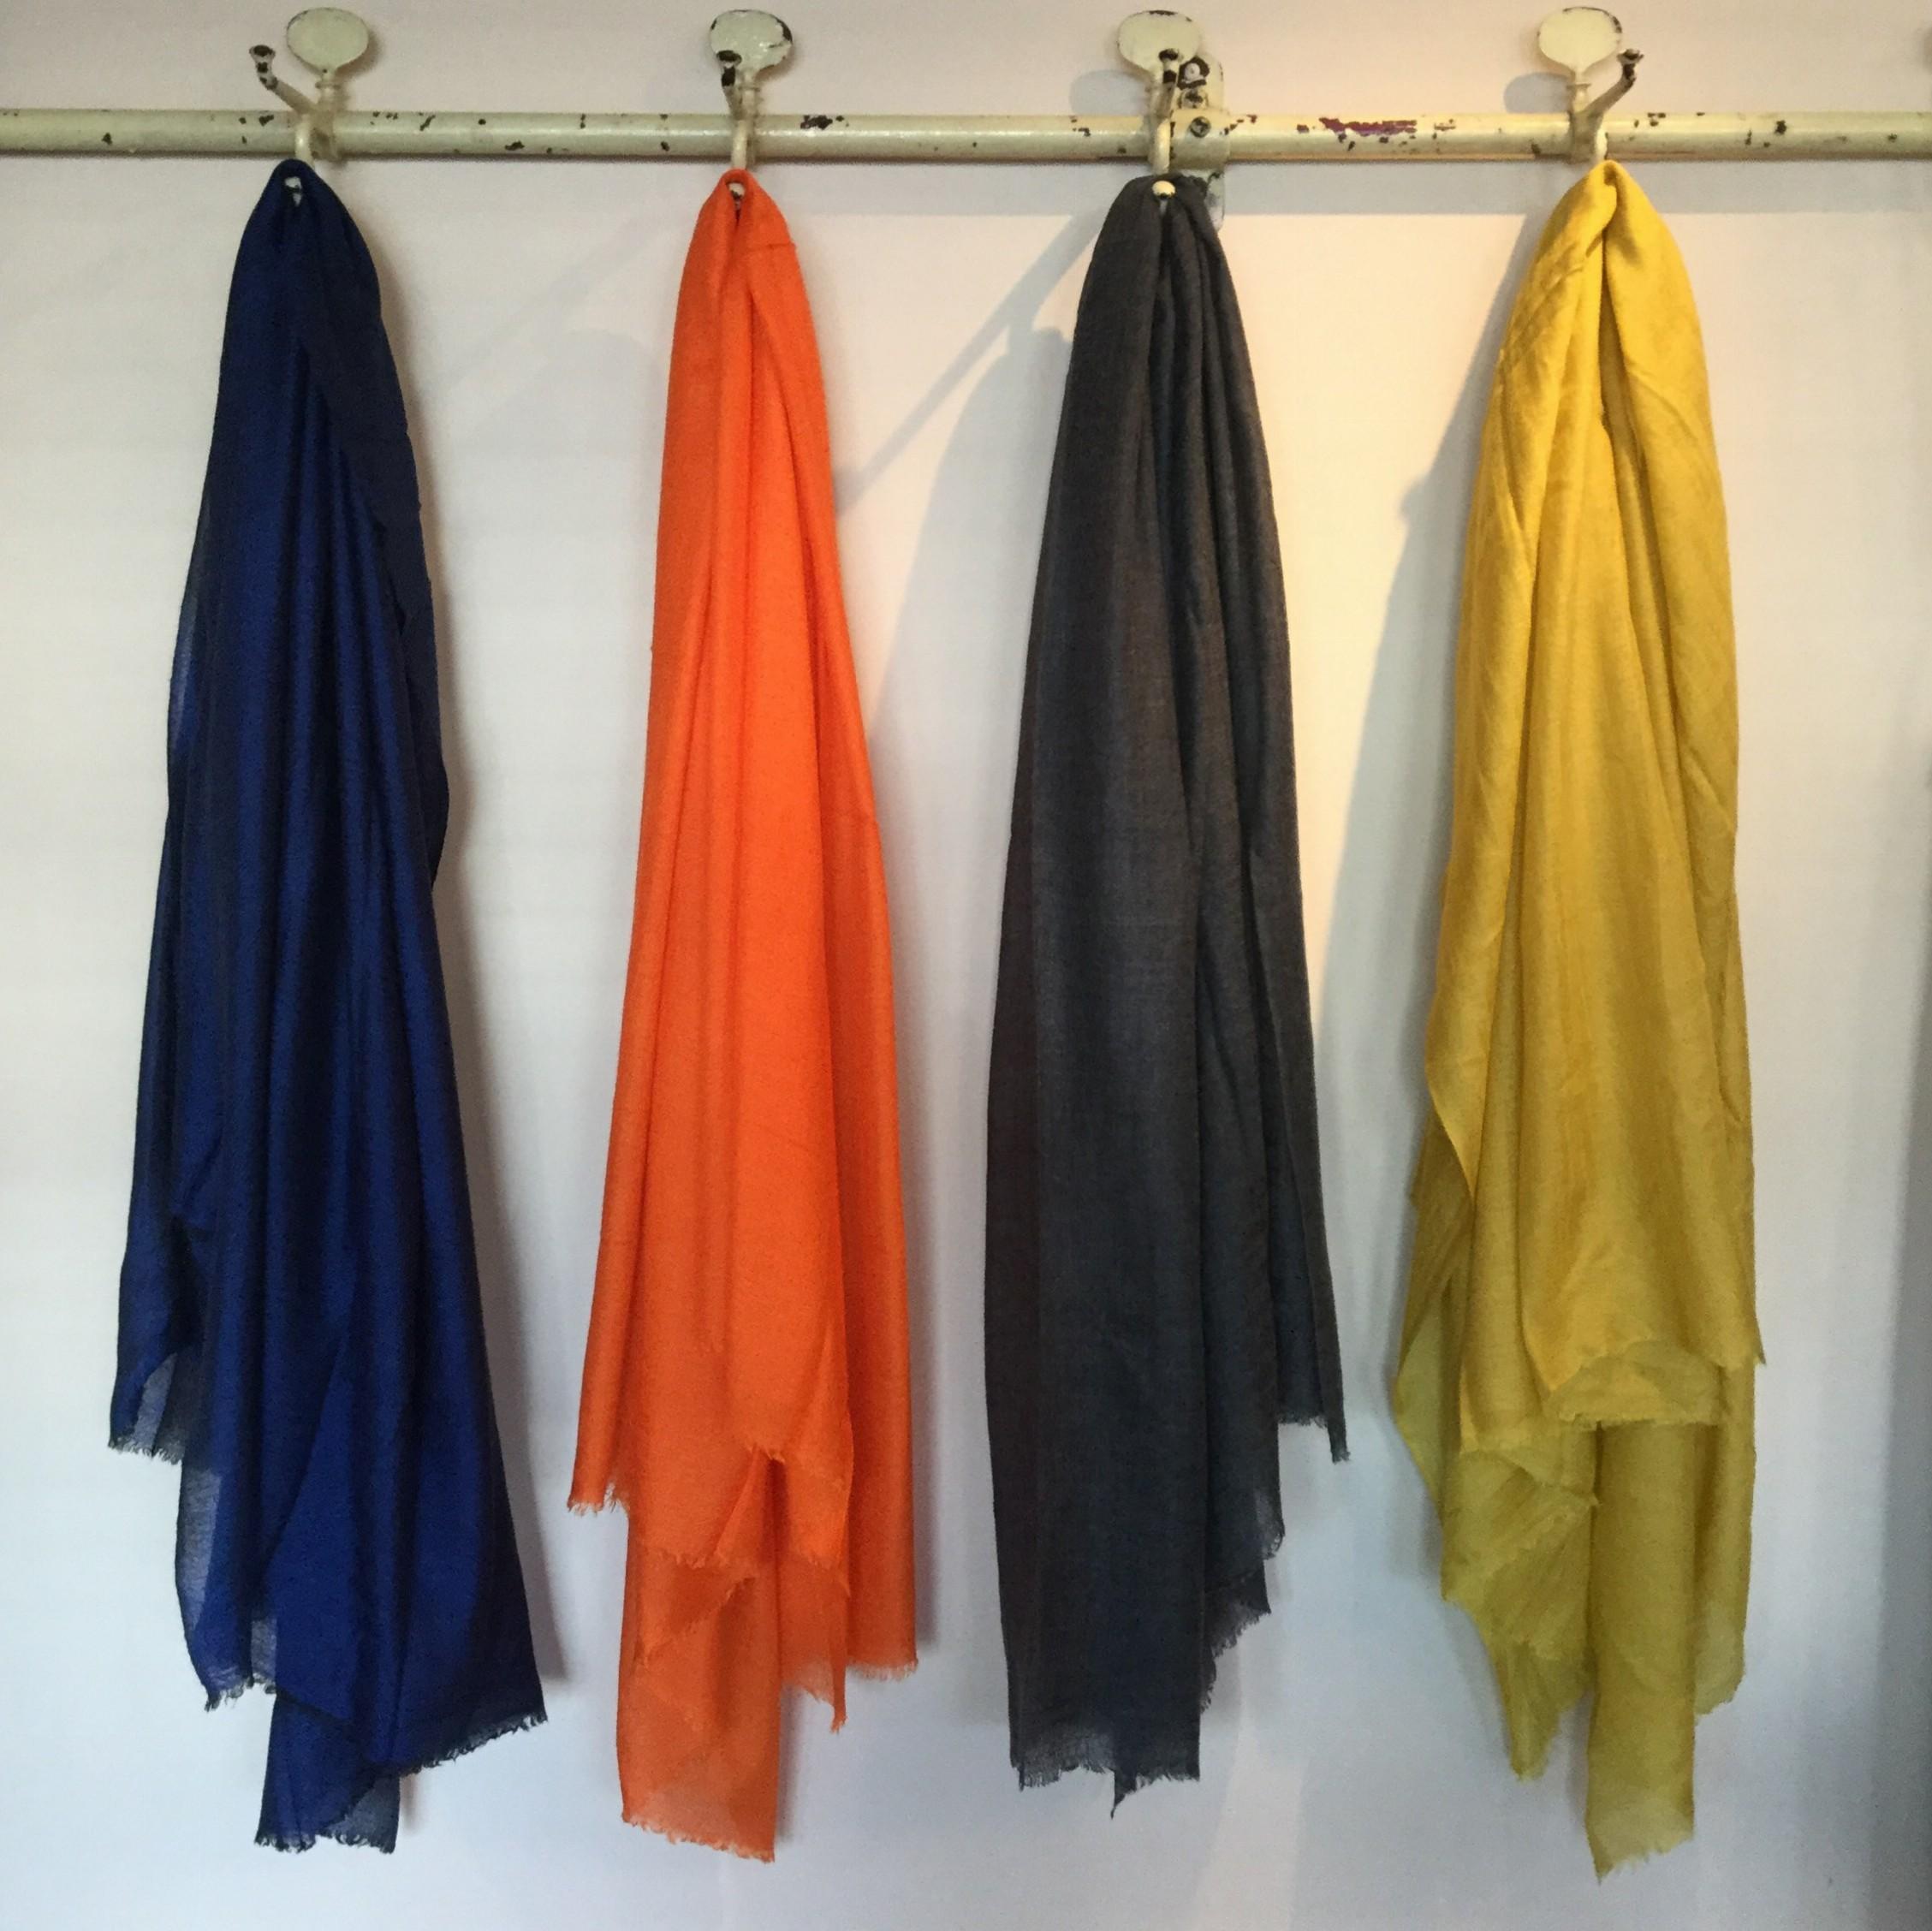 秋冬mii(ミー)の手紡ぎの糸を使用したシルクカシミヤのストールです